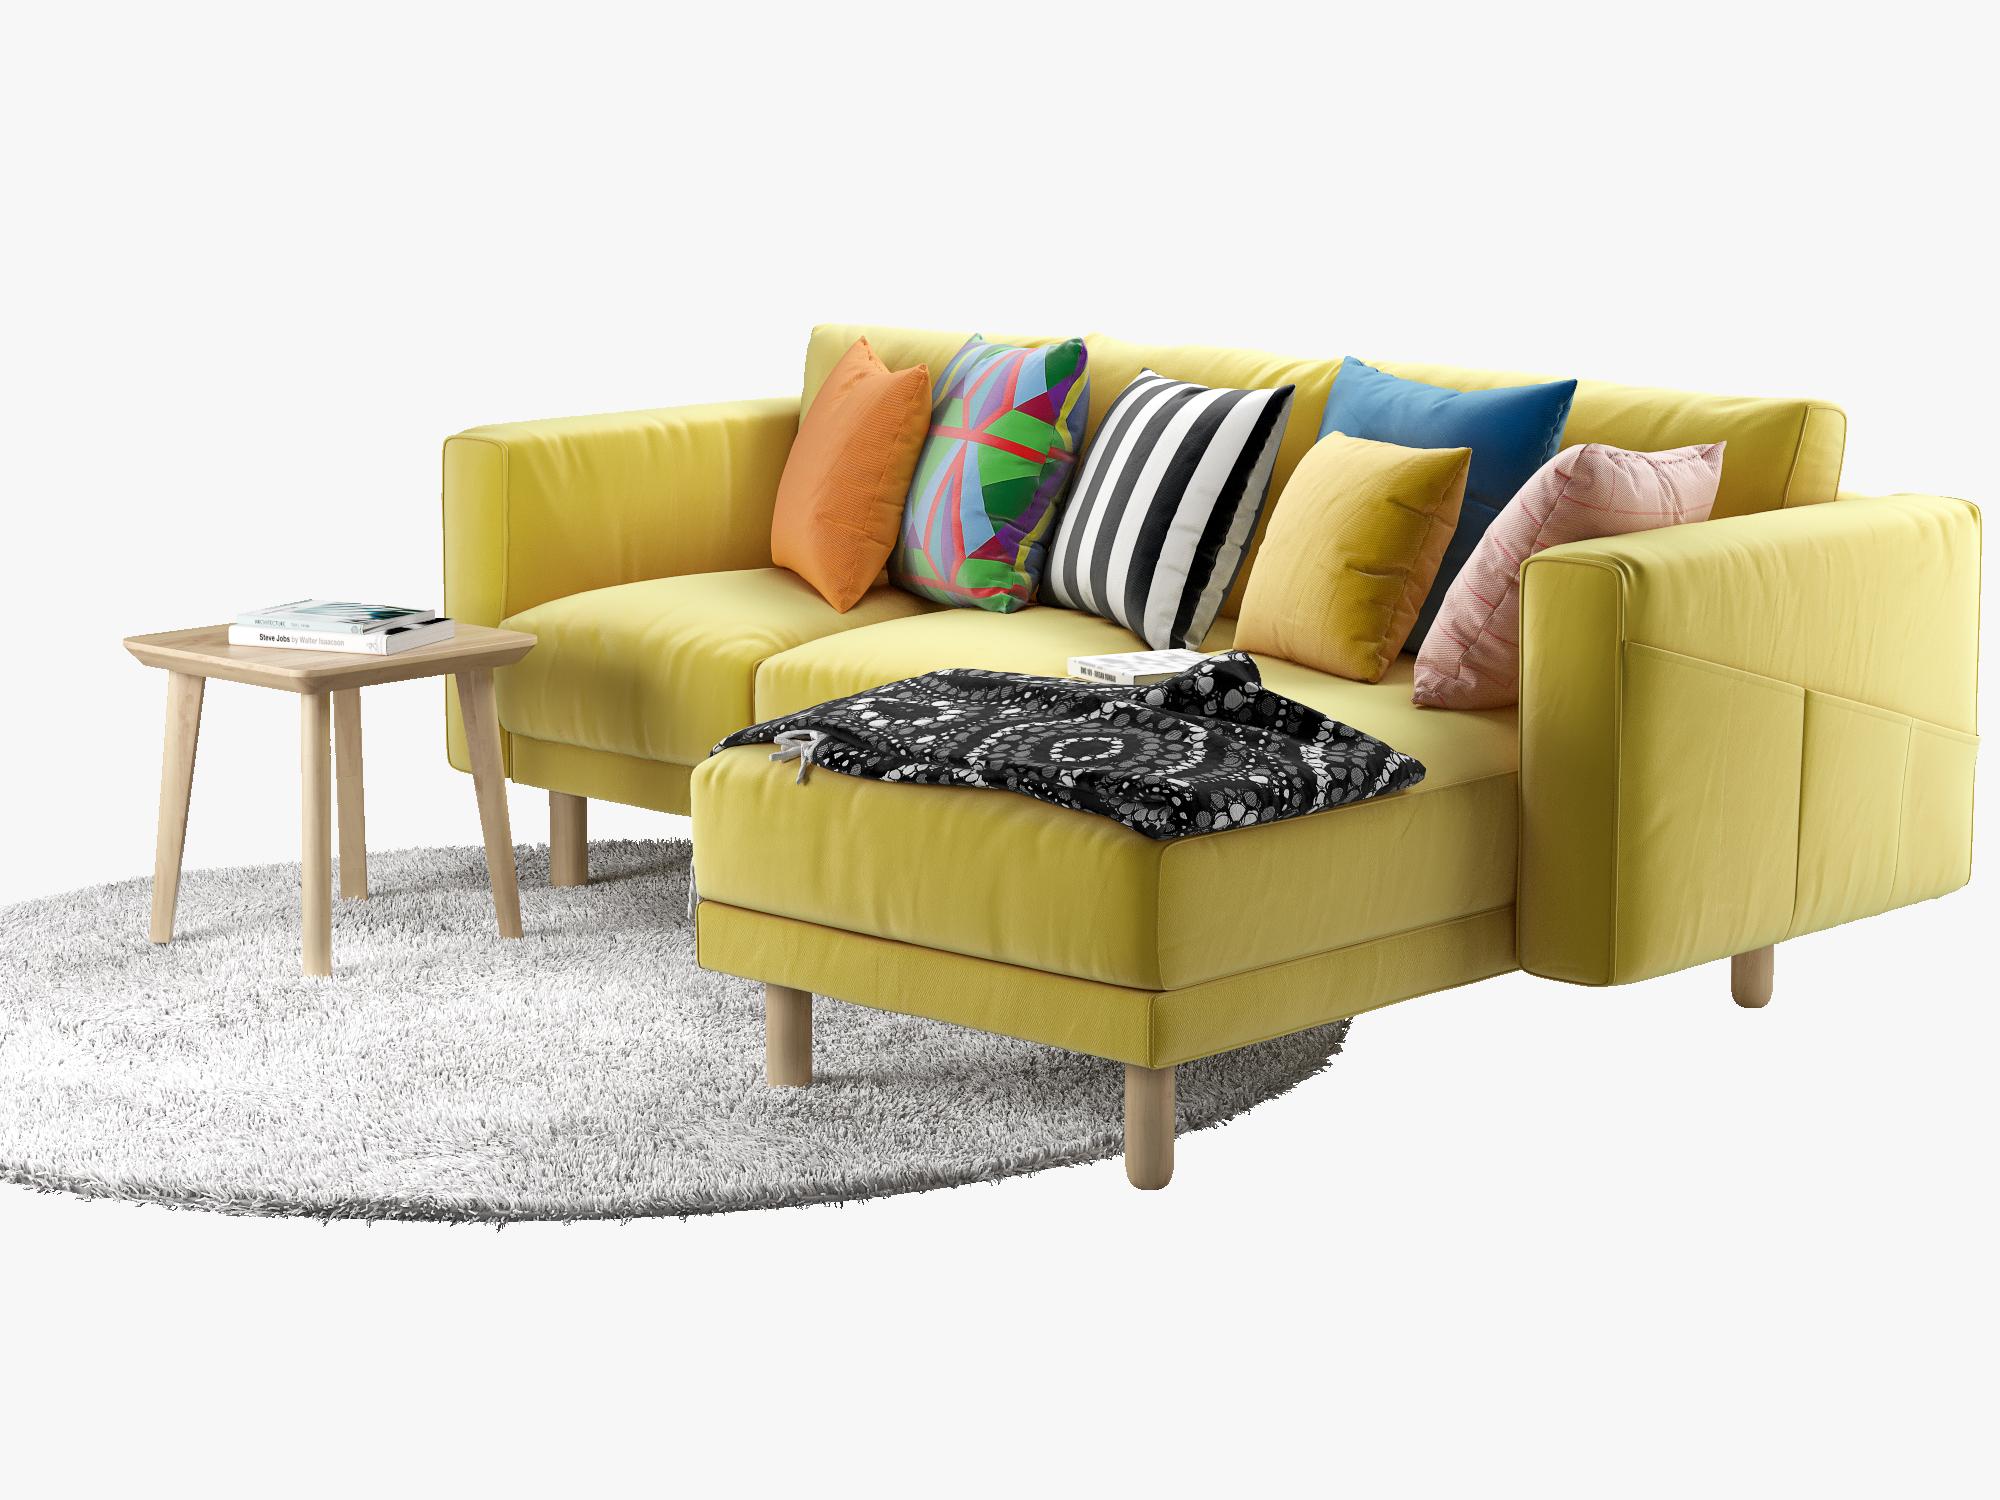 Peachy Ikea Norsborg Two Seat Sofa With Chaise Longue Inzonedesignstudio Interior Chair Design Inzonedesignstudiocom